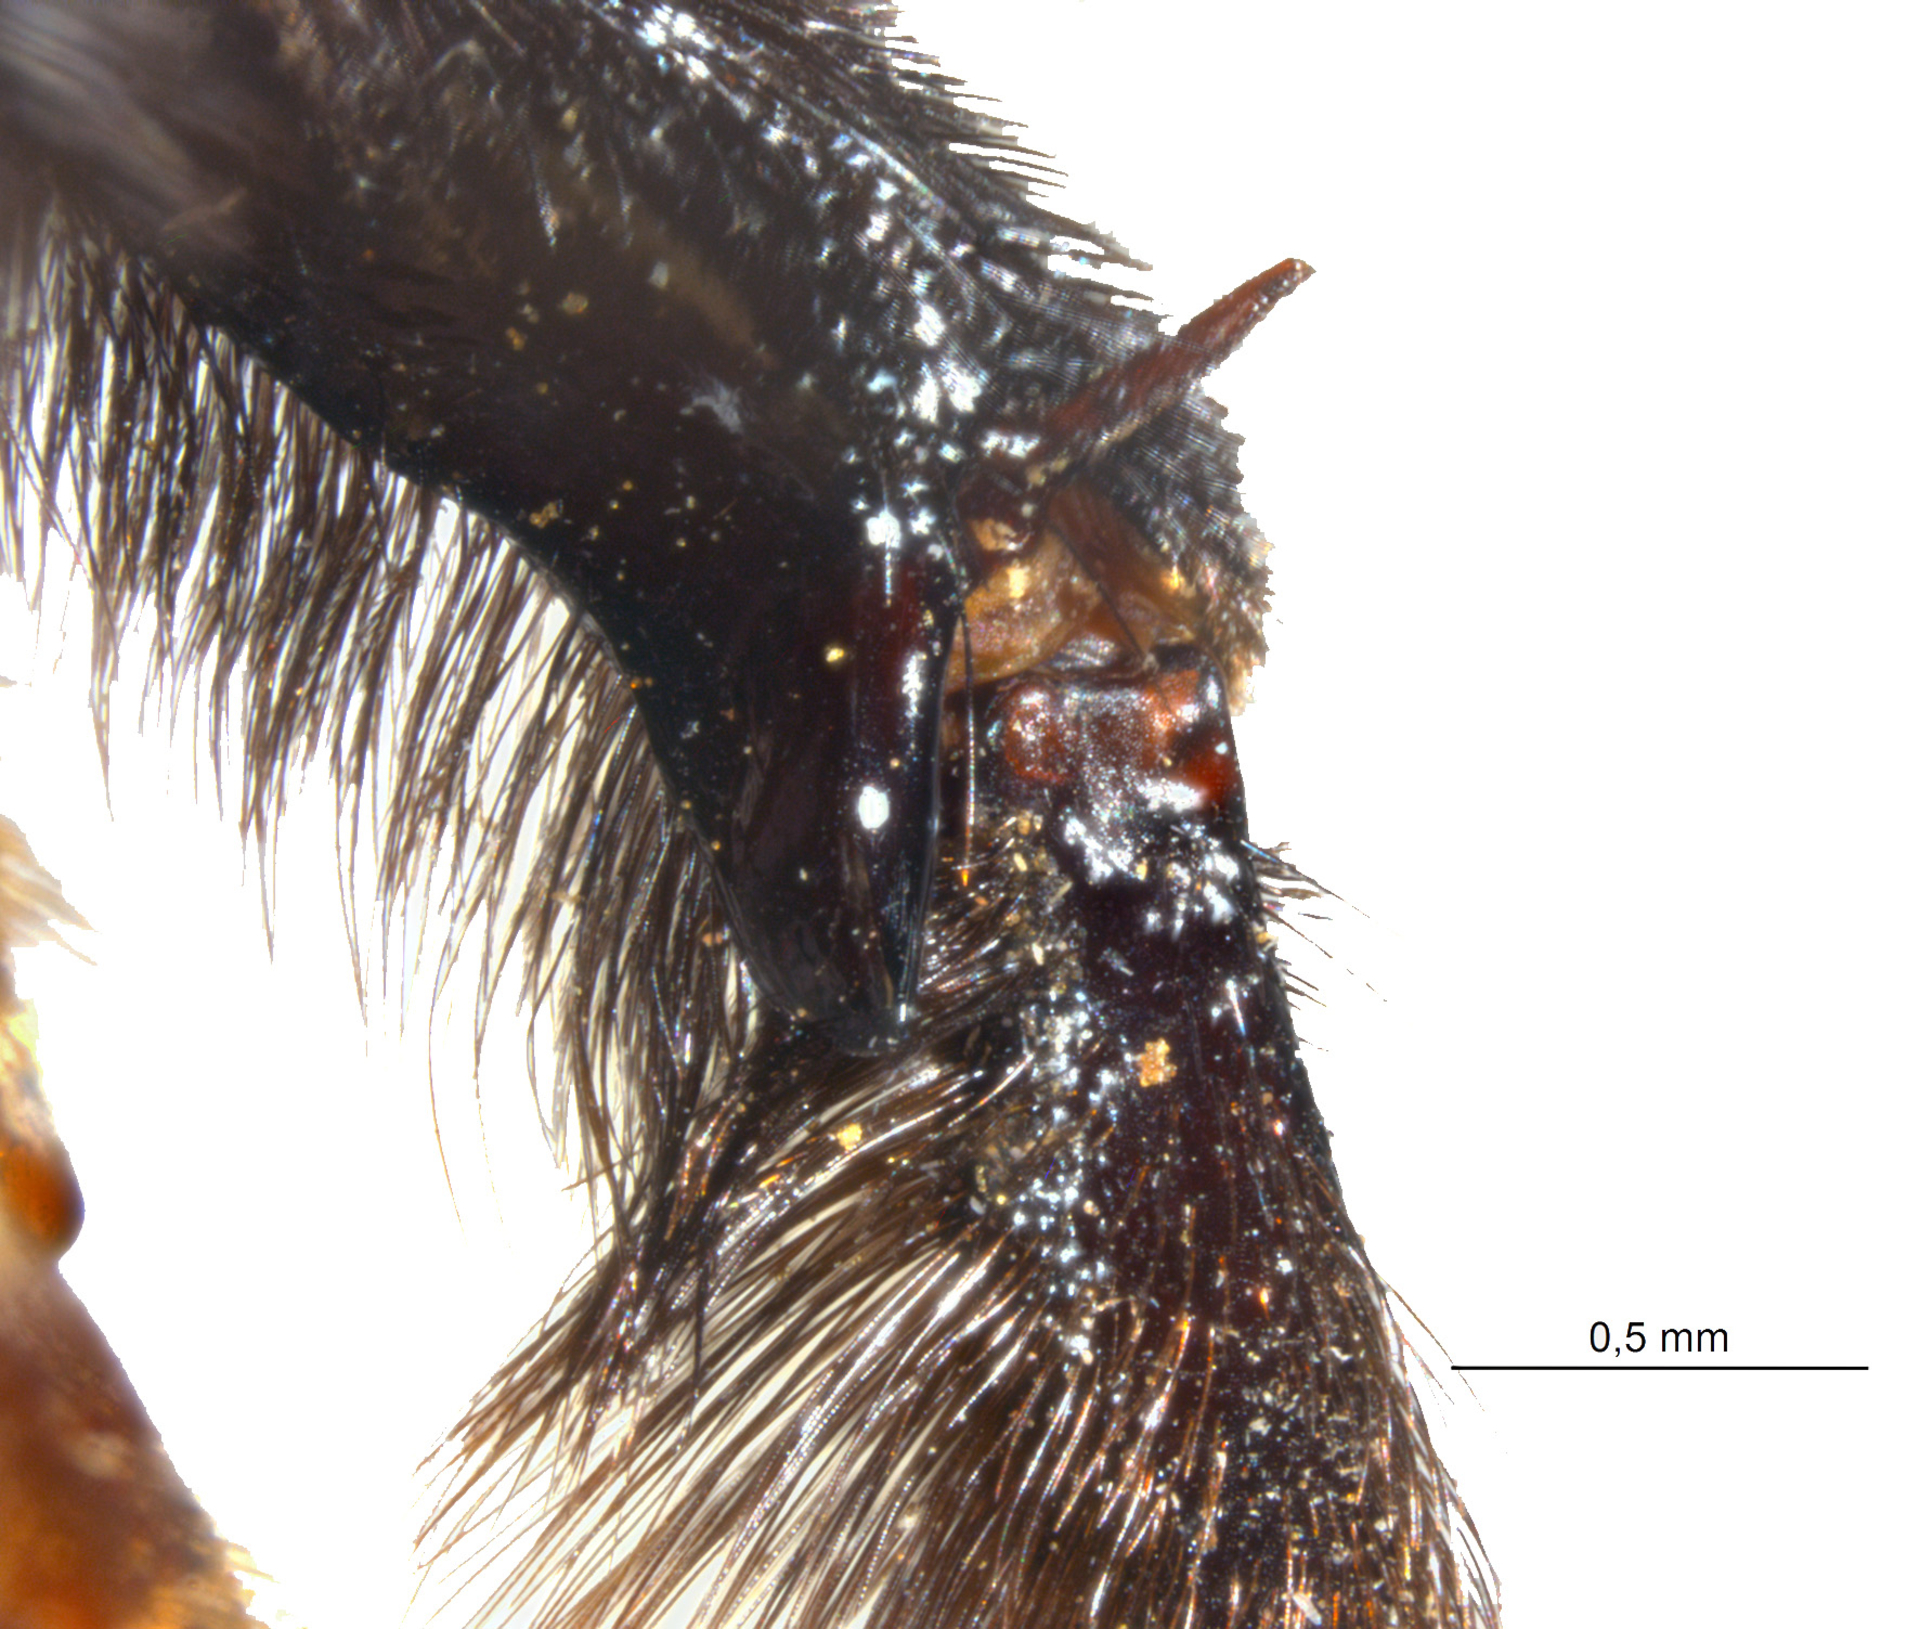 RMNH.INS.943314 | Xylocopa assimilis Ritsema, 1880